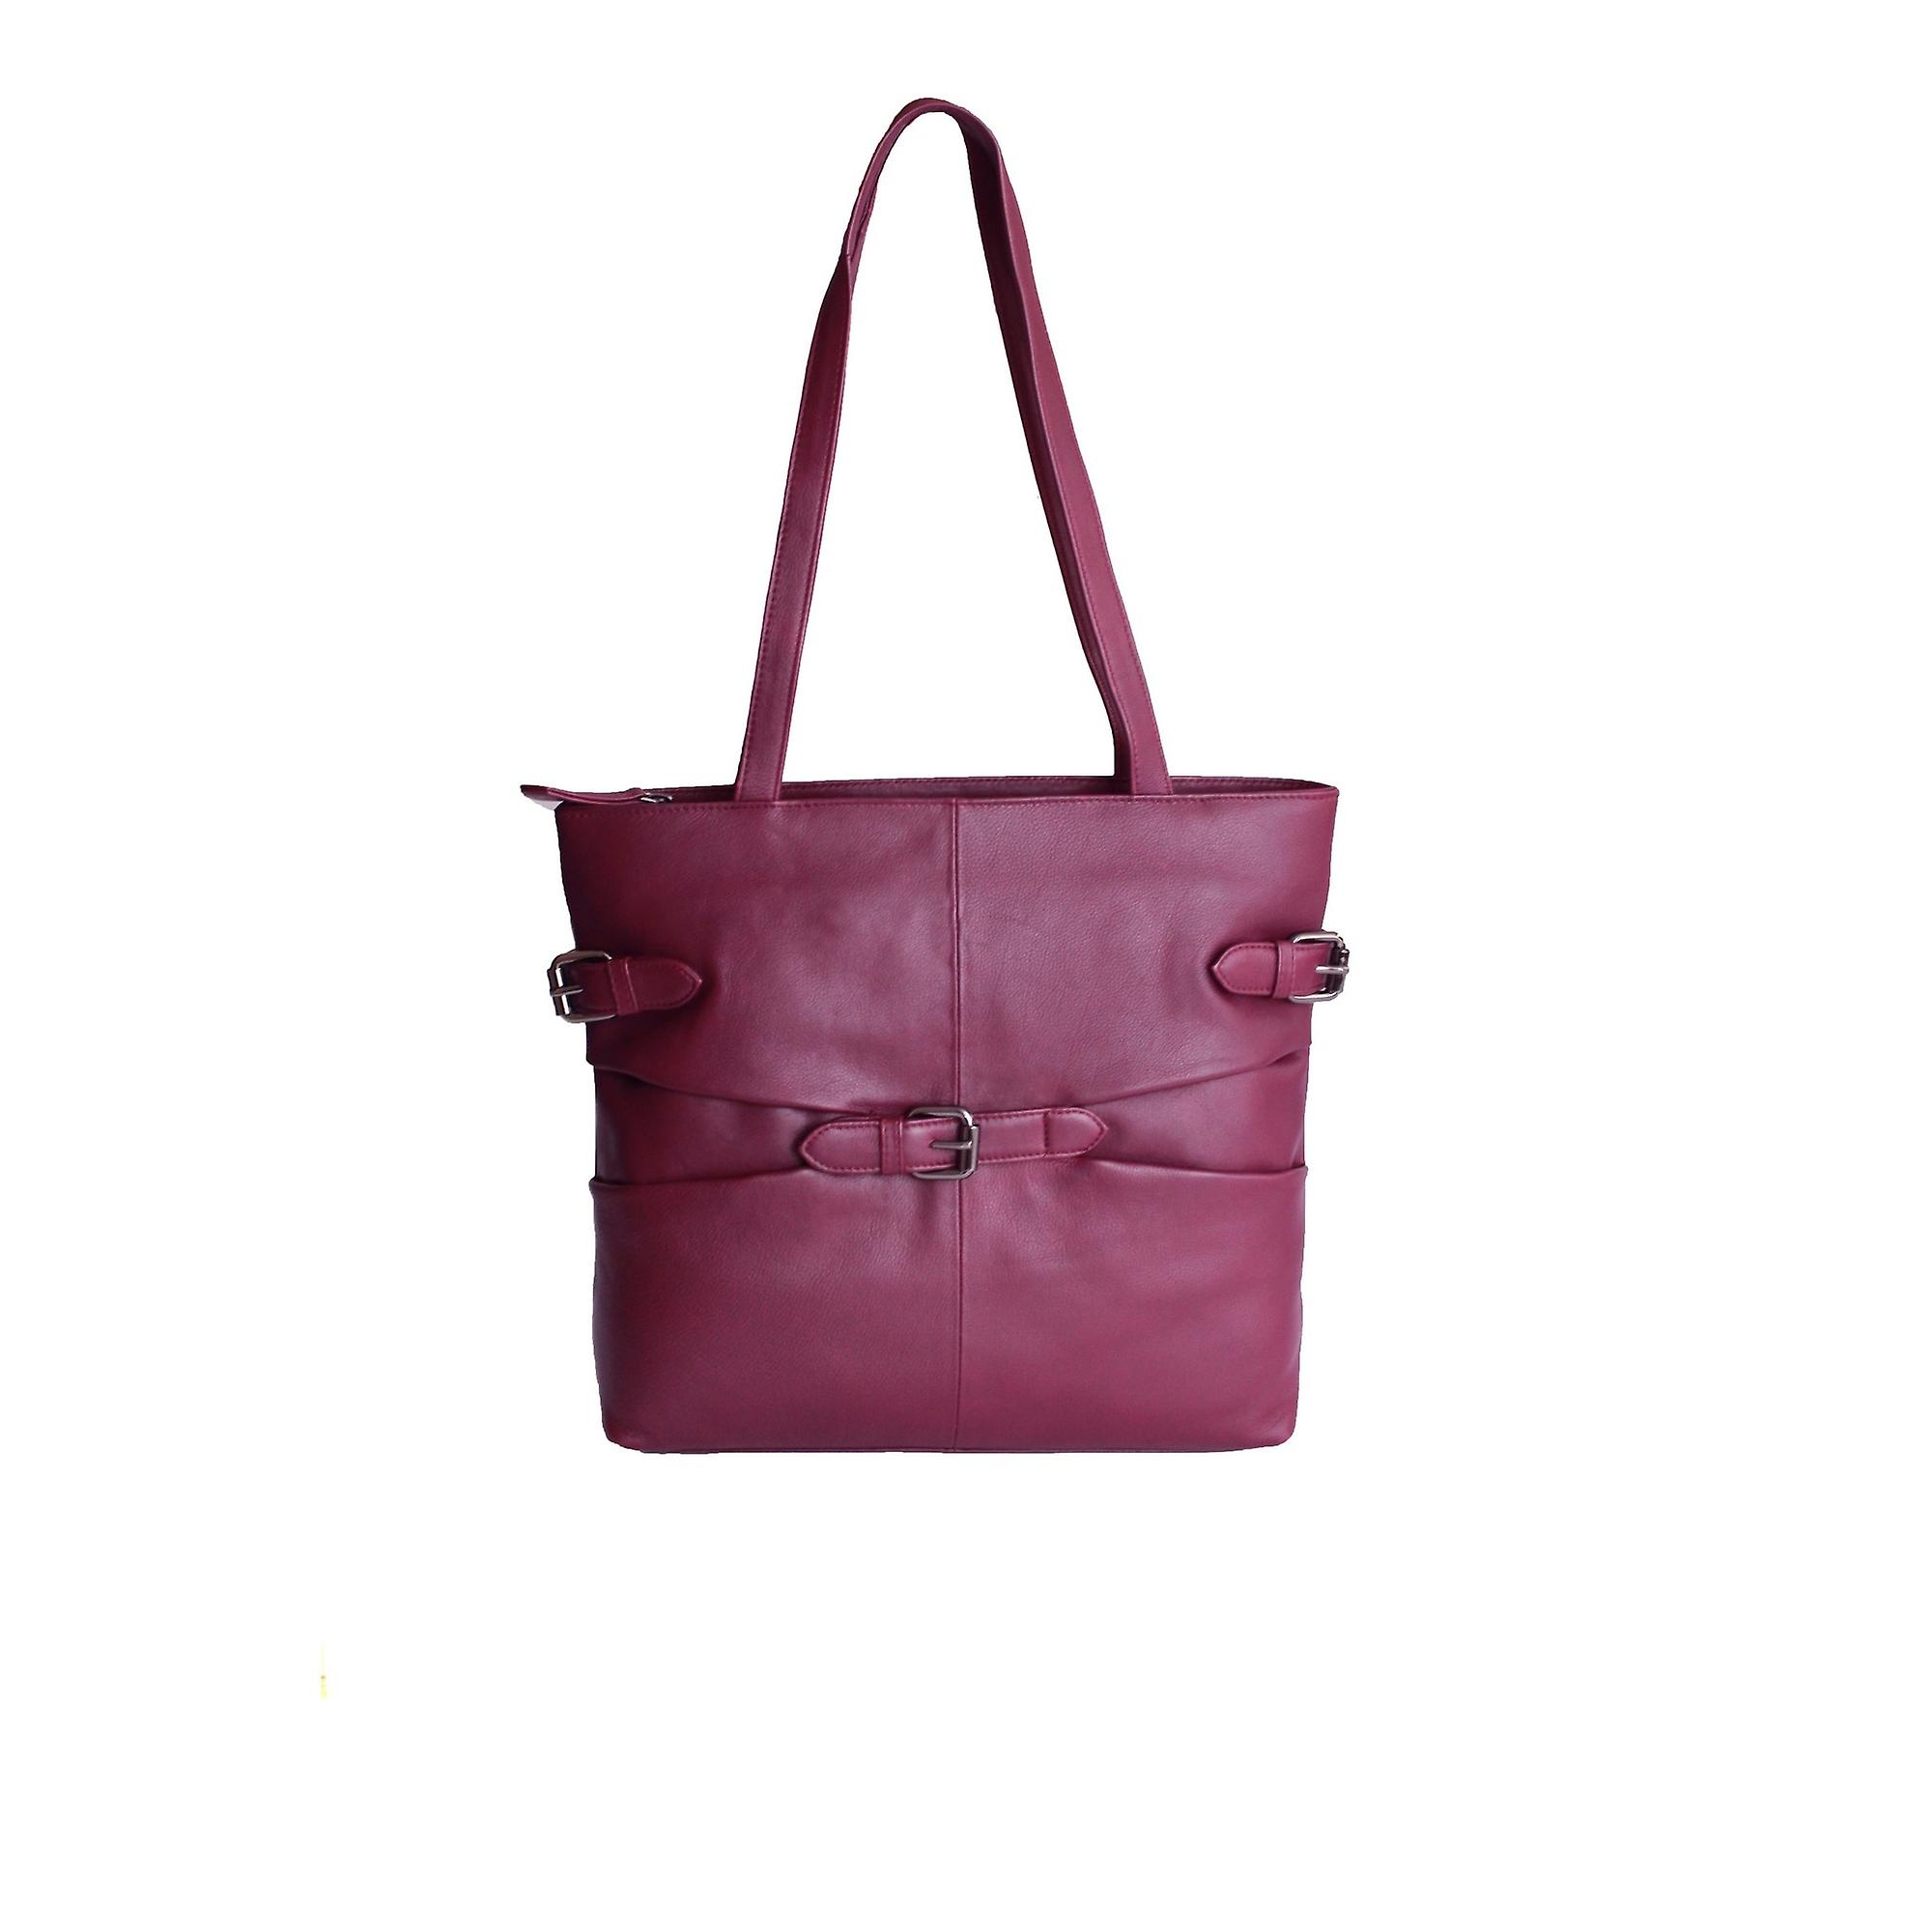 Eastern Counties Leather Womens/Ladies Jill Tote Style Handbag